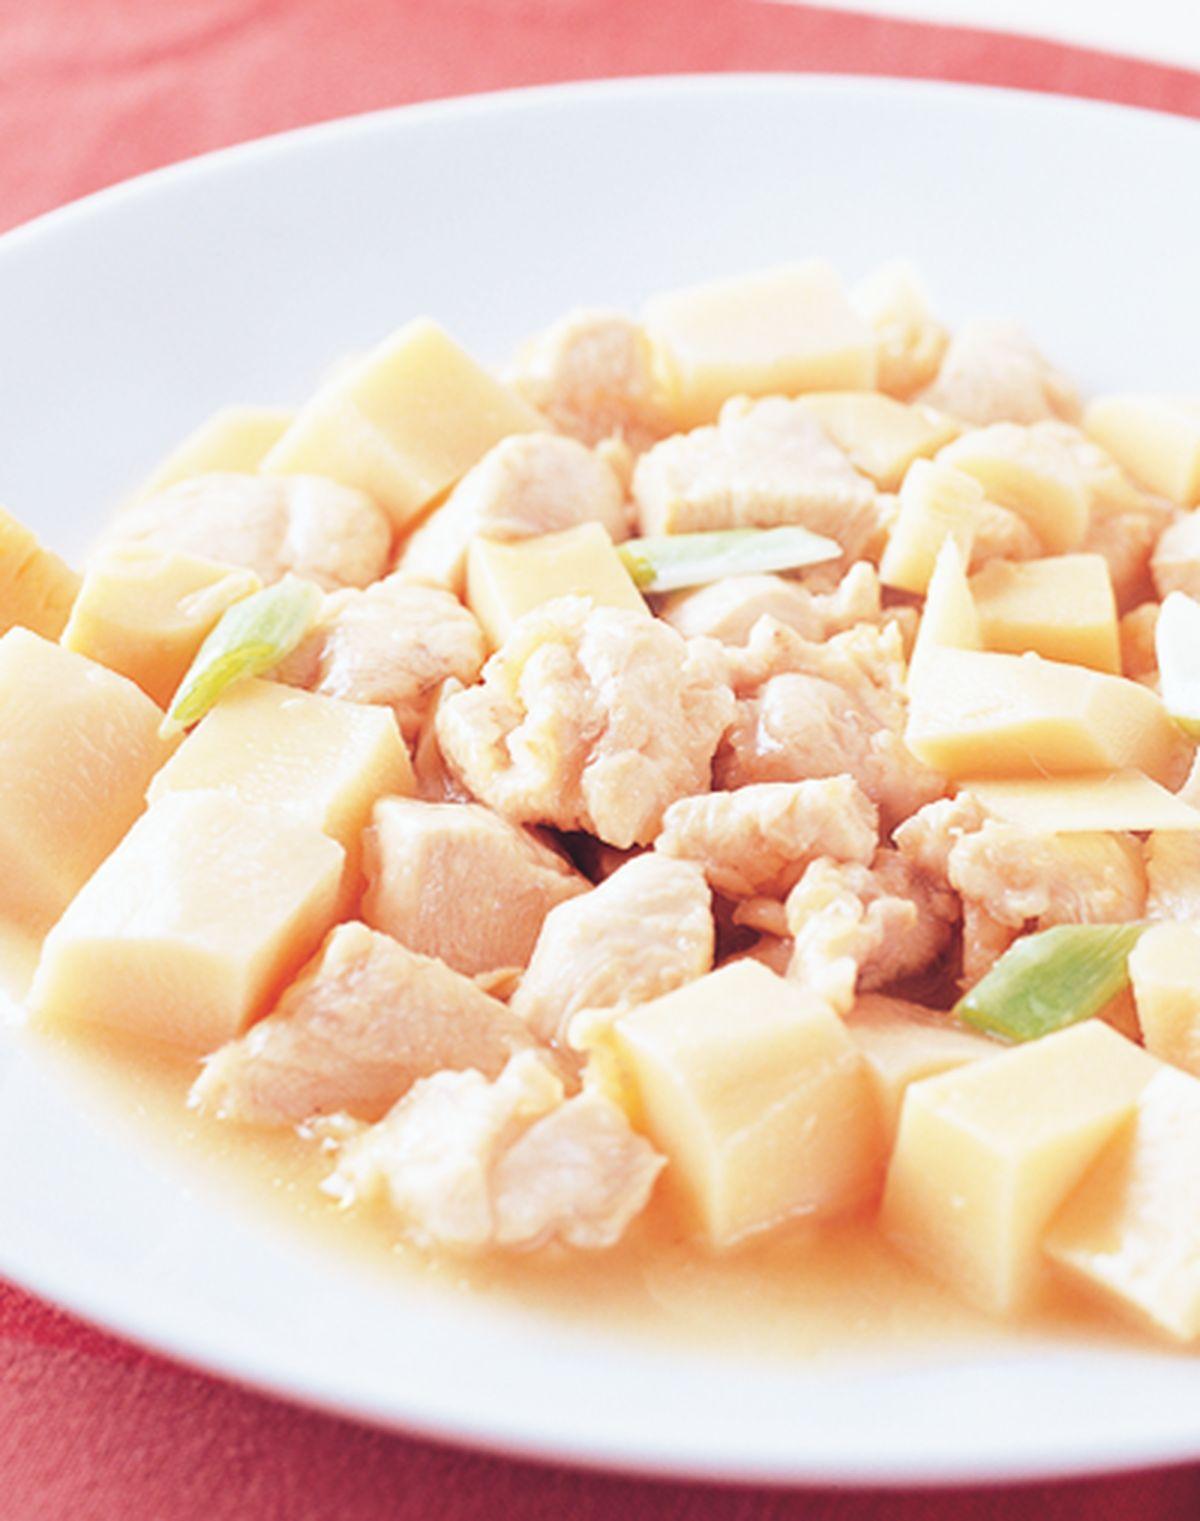 食譜:雞肉燜筍塊